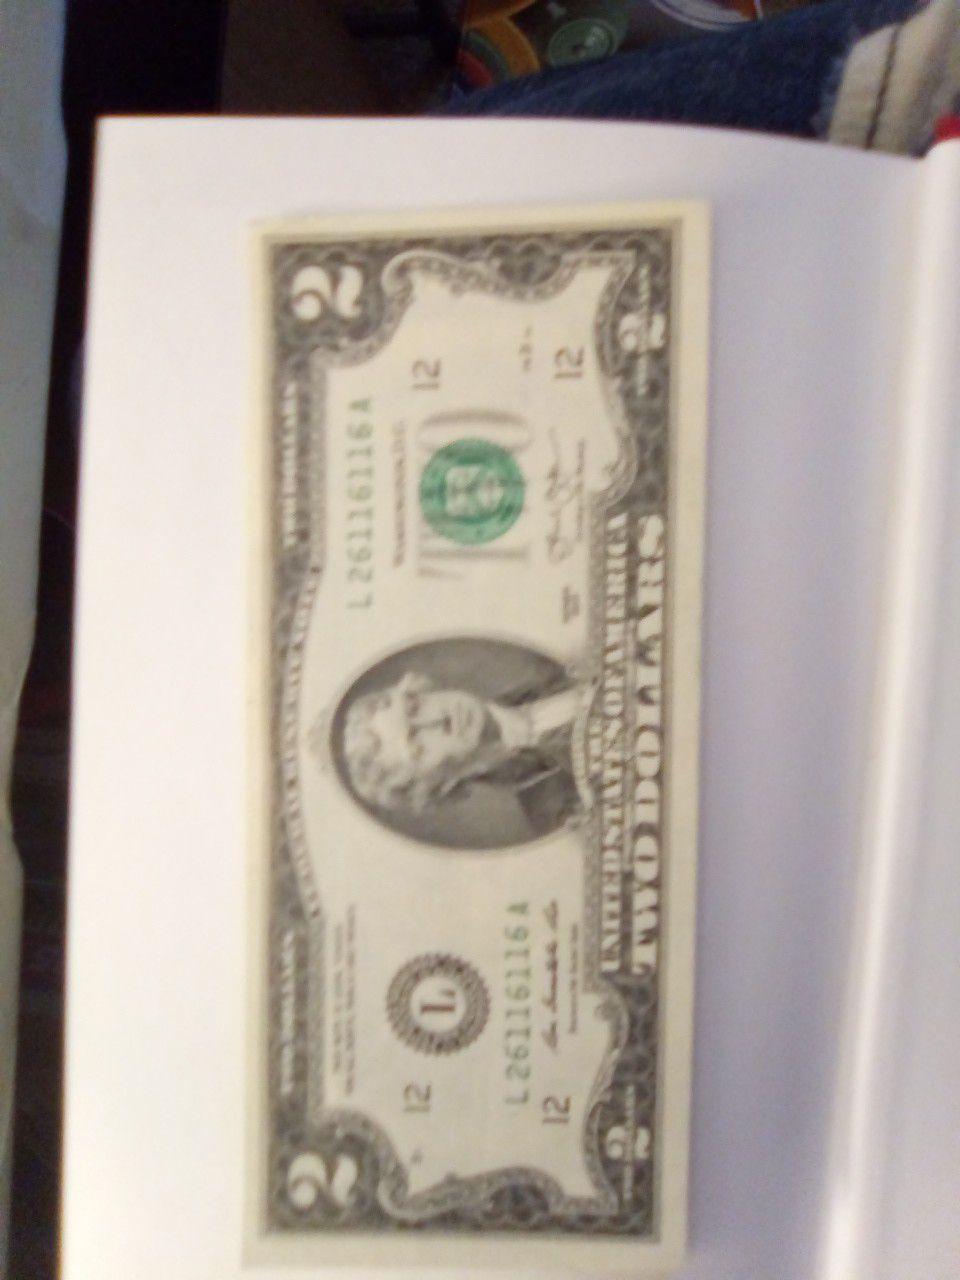 2013 series $2 Bill serial number note